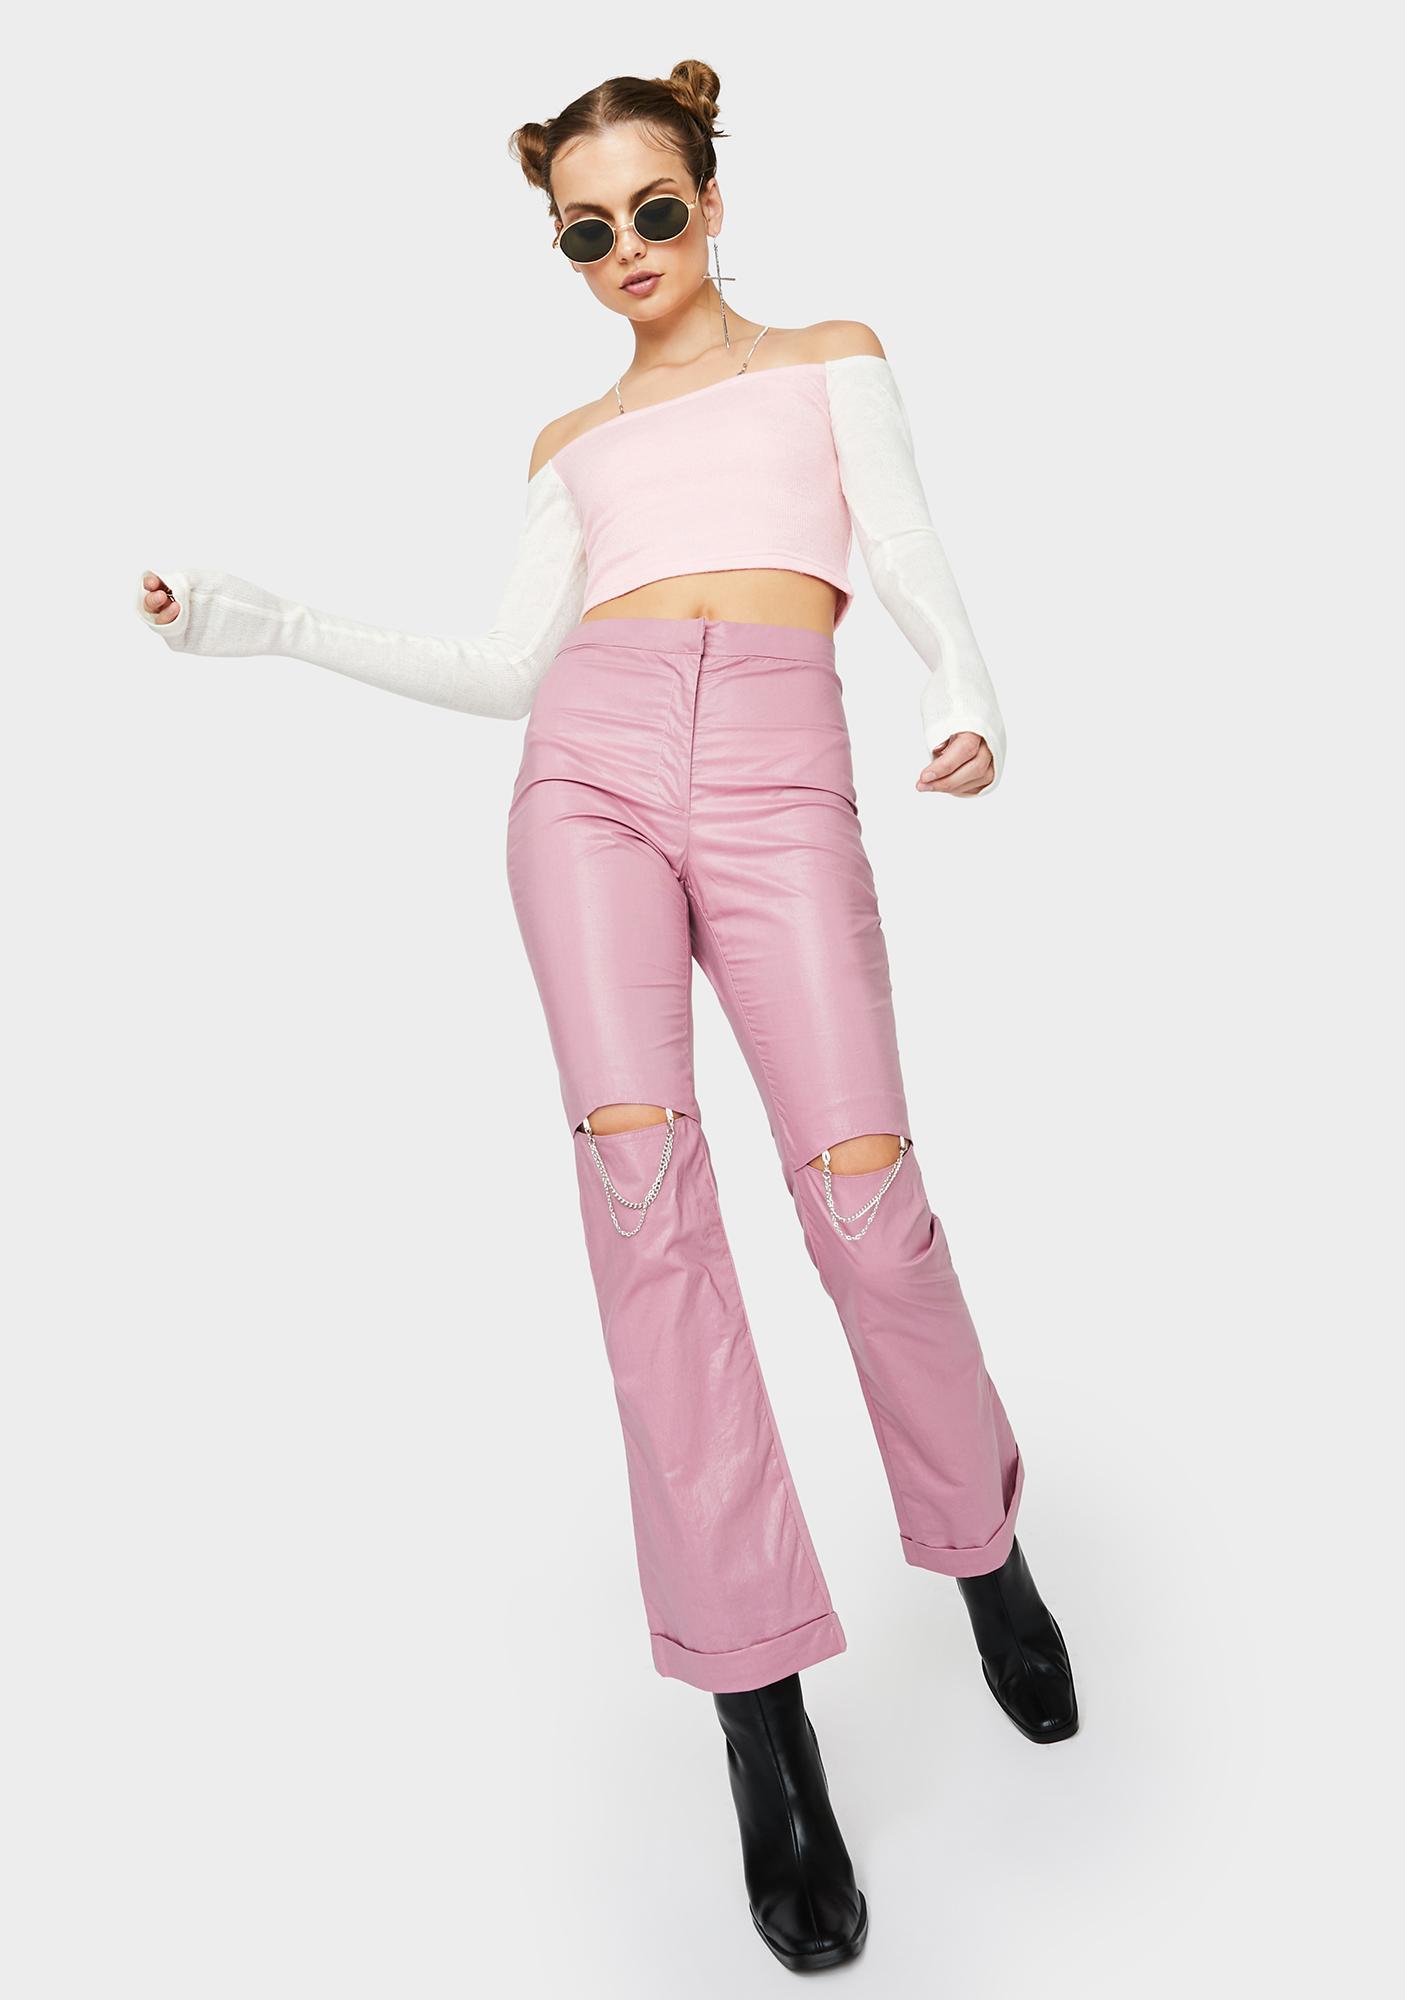 ZEMETA Lip Chain Wide Leg Pants